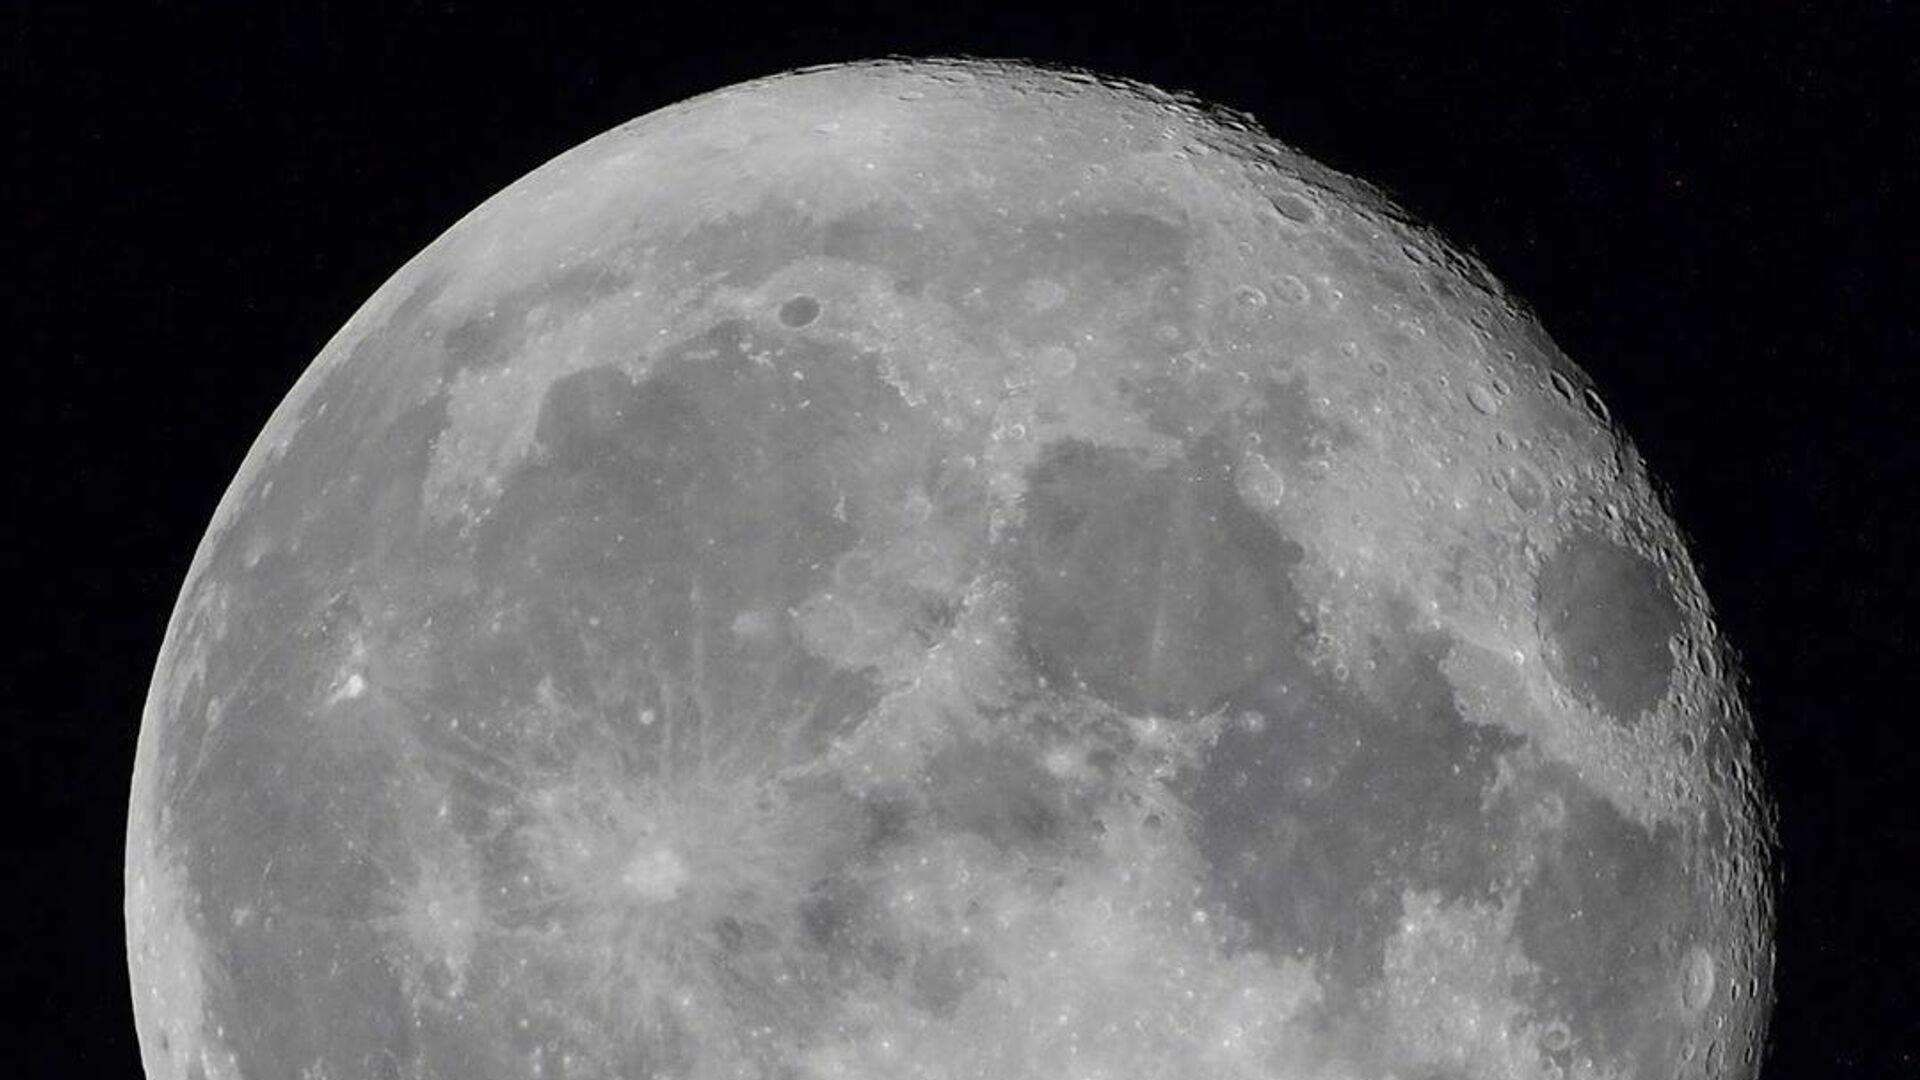 Турция планирует отправить космический аппарат на Луну в 2023 году